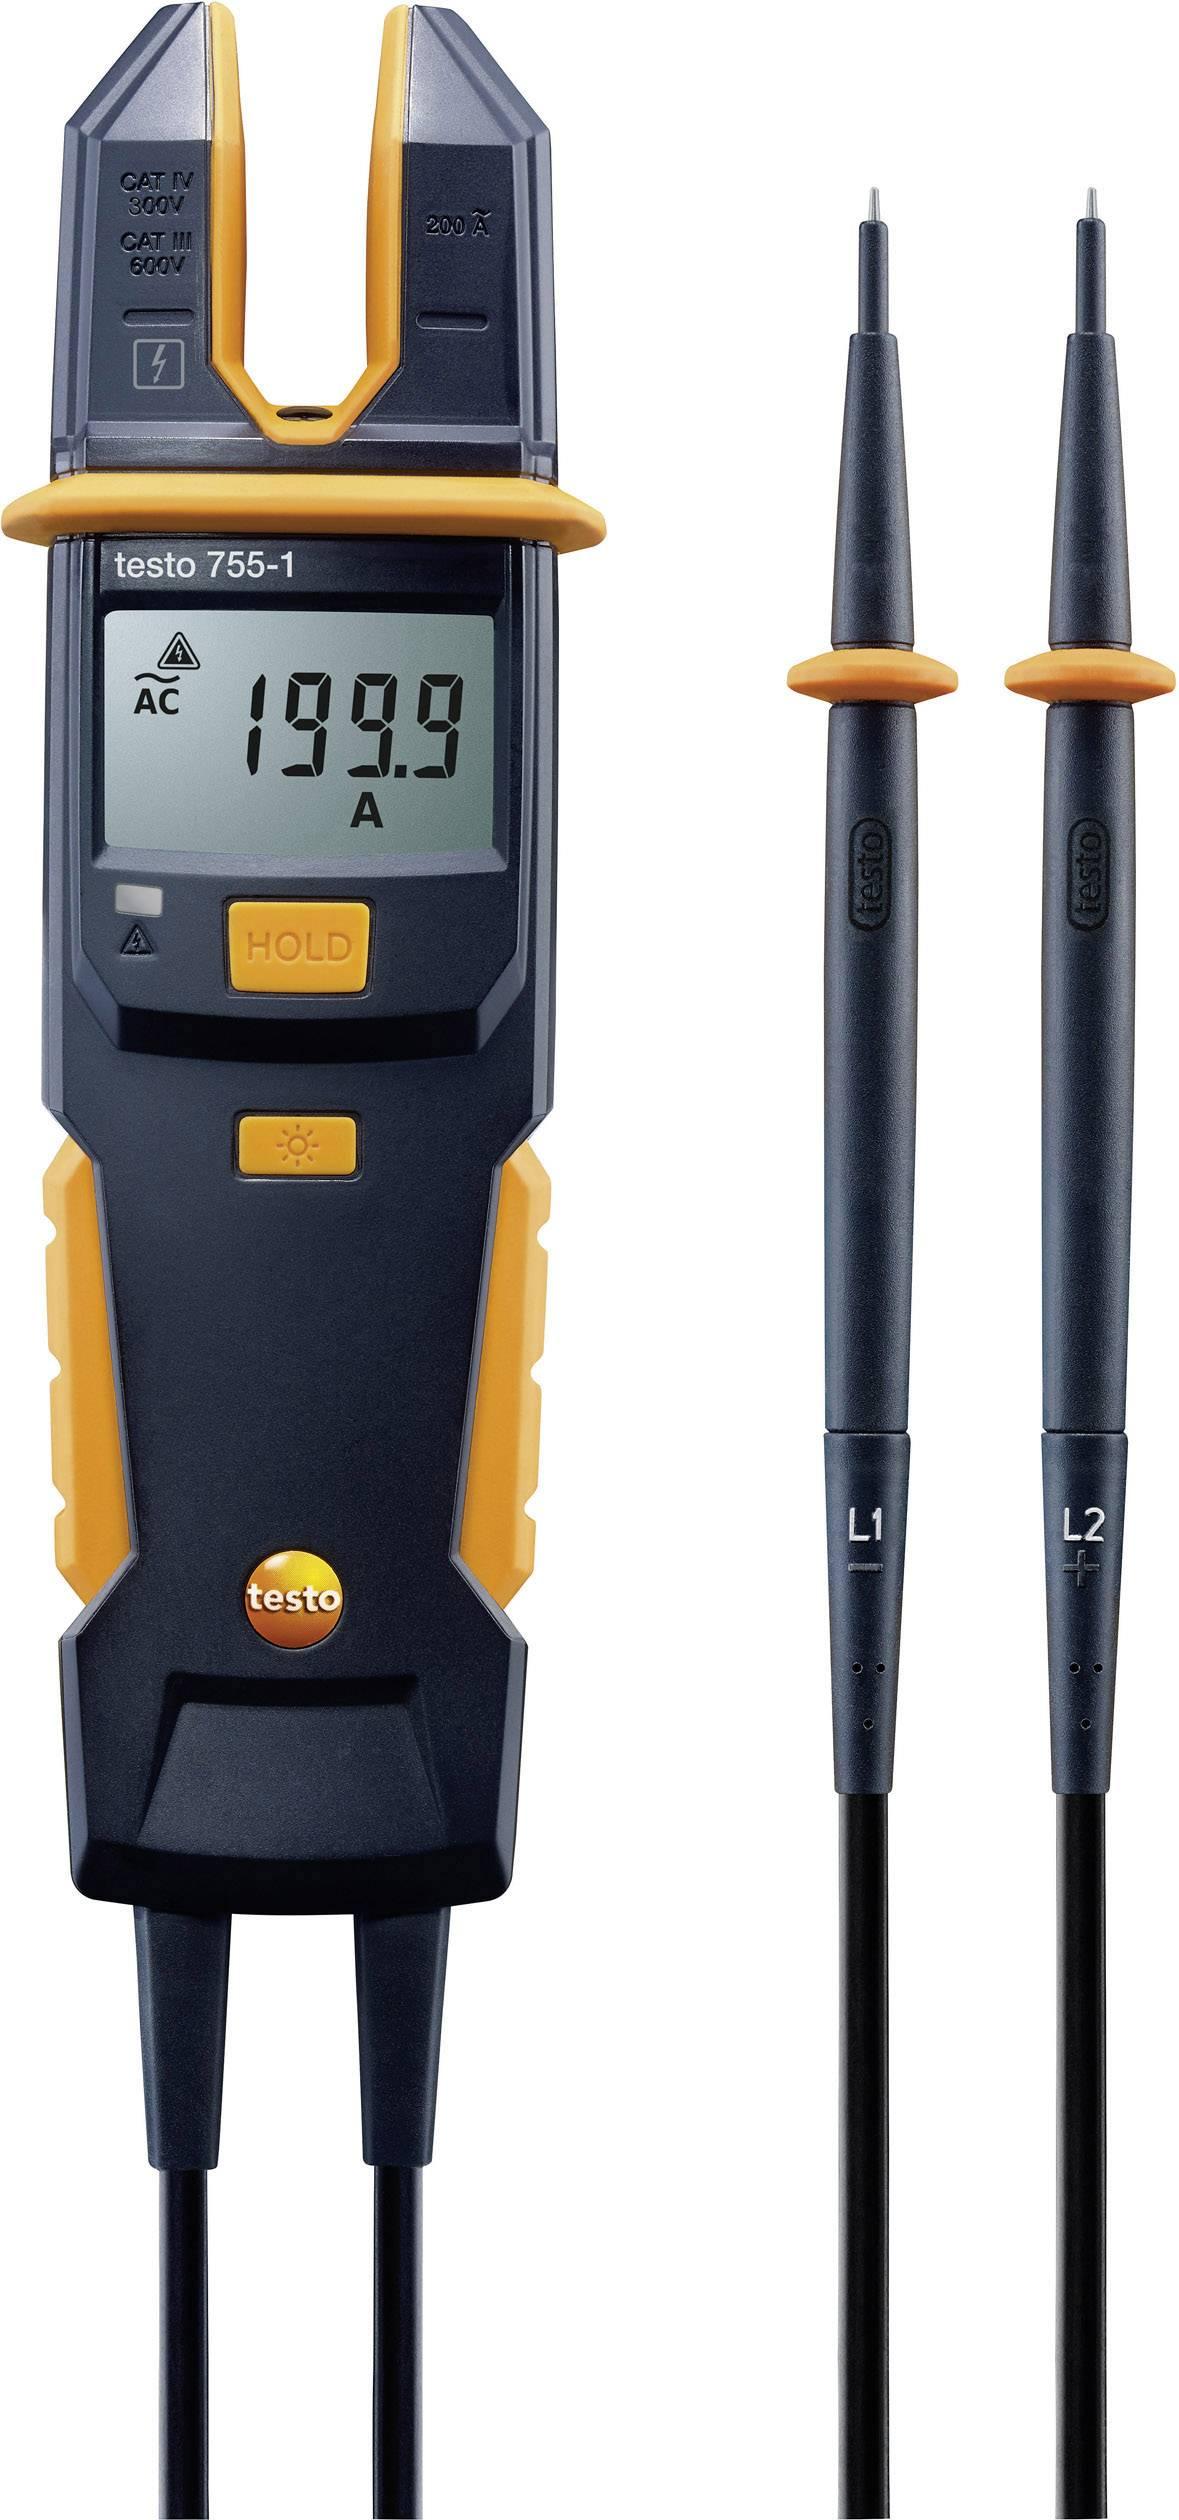 testo 755-1 Multimetro portati